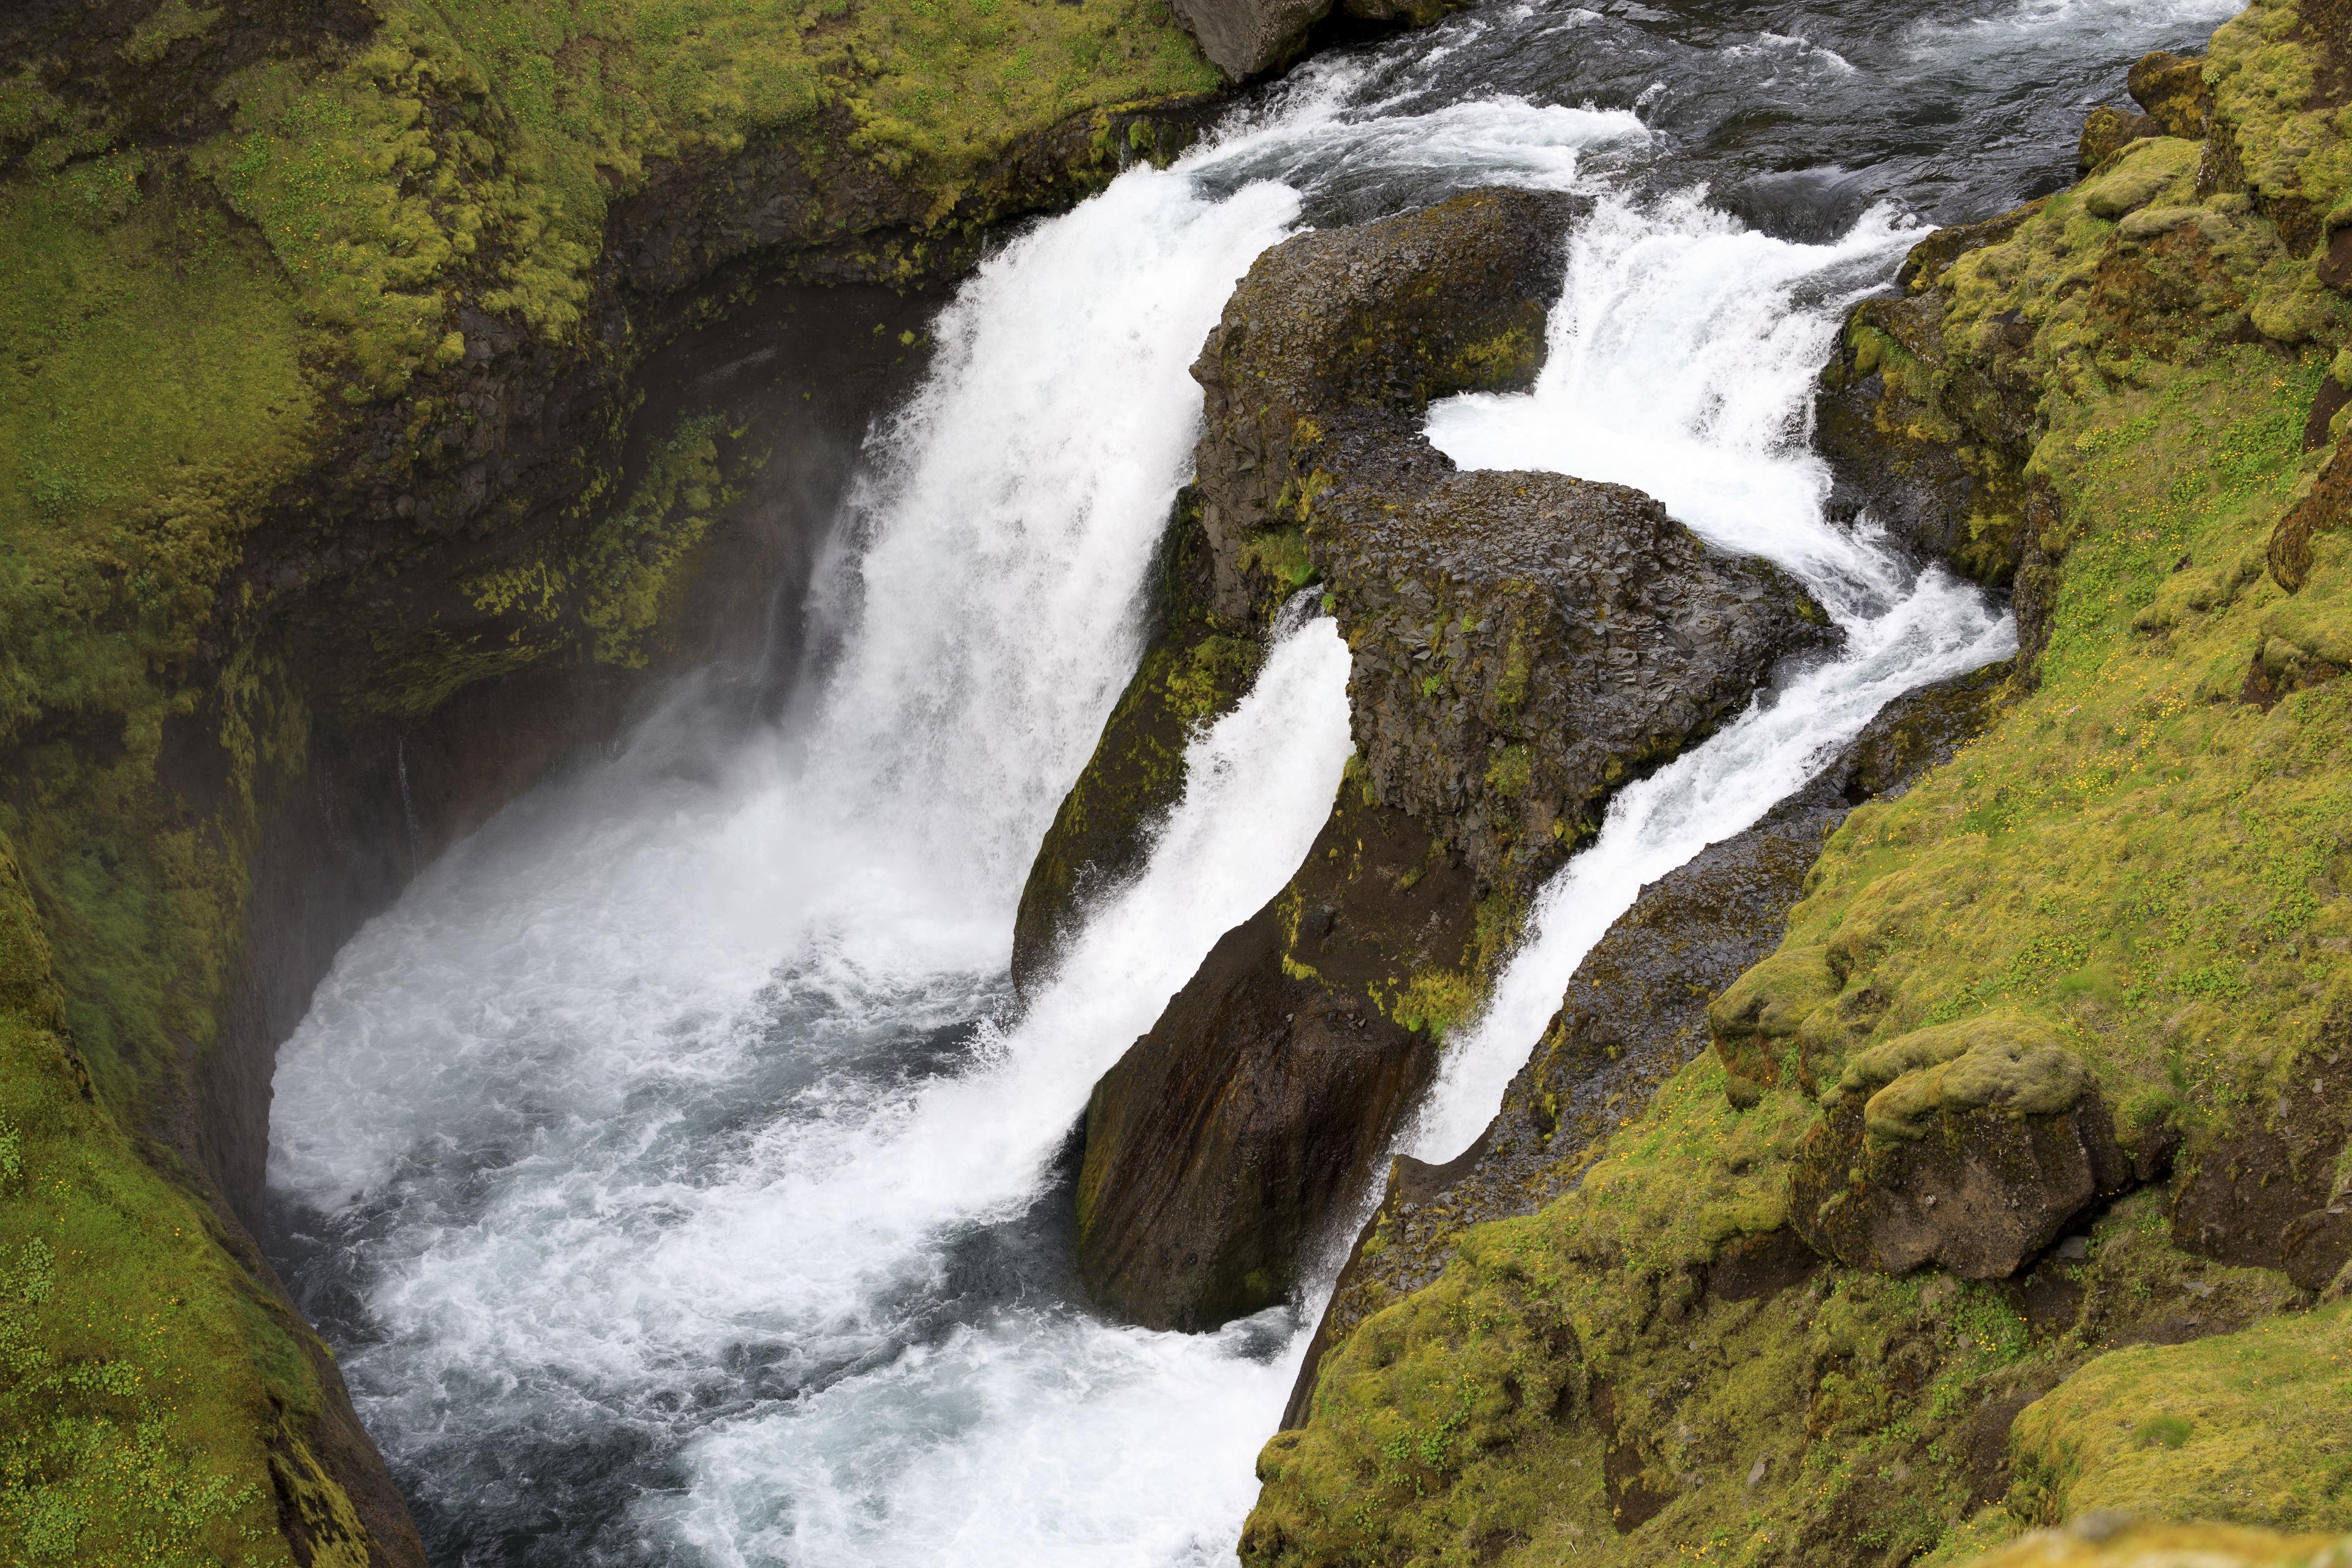 Wasserfall der Skógá,©Markus Proske—Canon EOS 5D Mark IV, EF70-300mm f/4-5.6L IS USM, 70mm, 1/250s, Blende 5.6, ISO 200